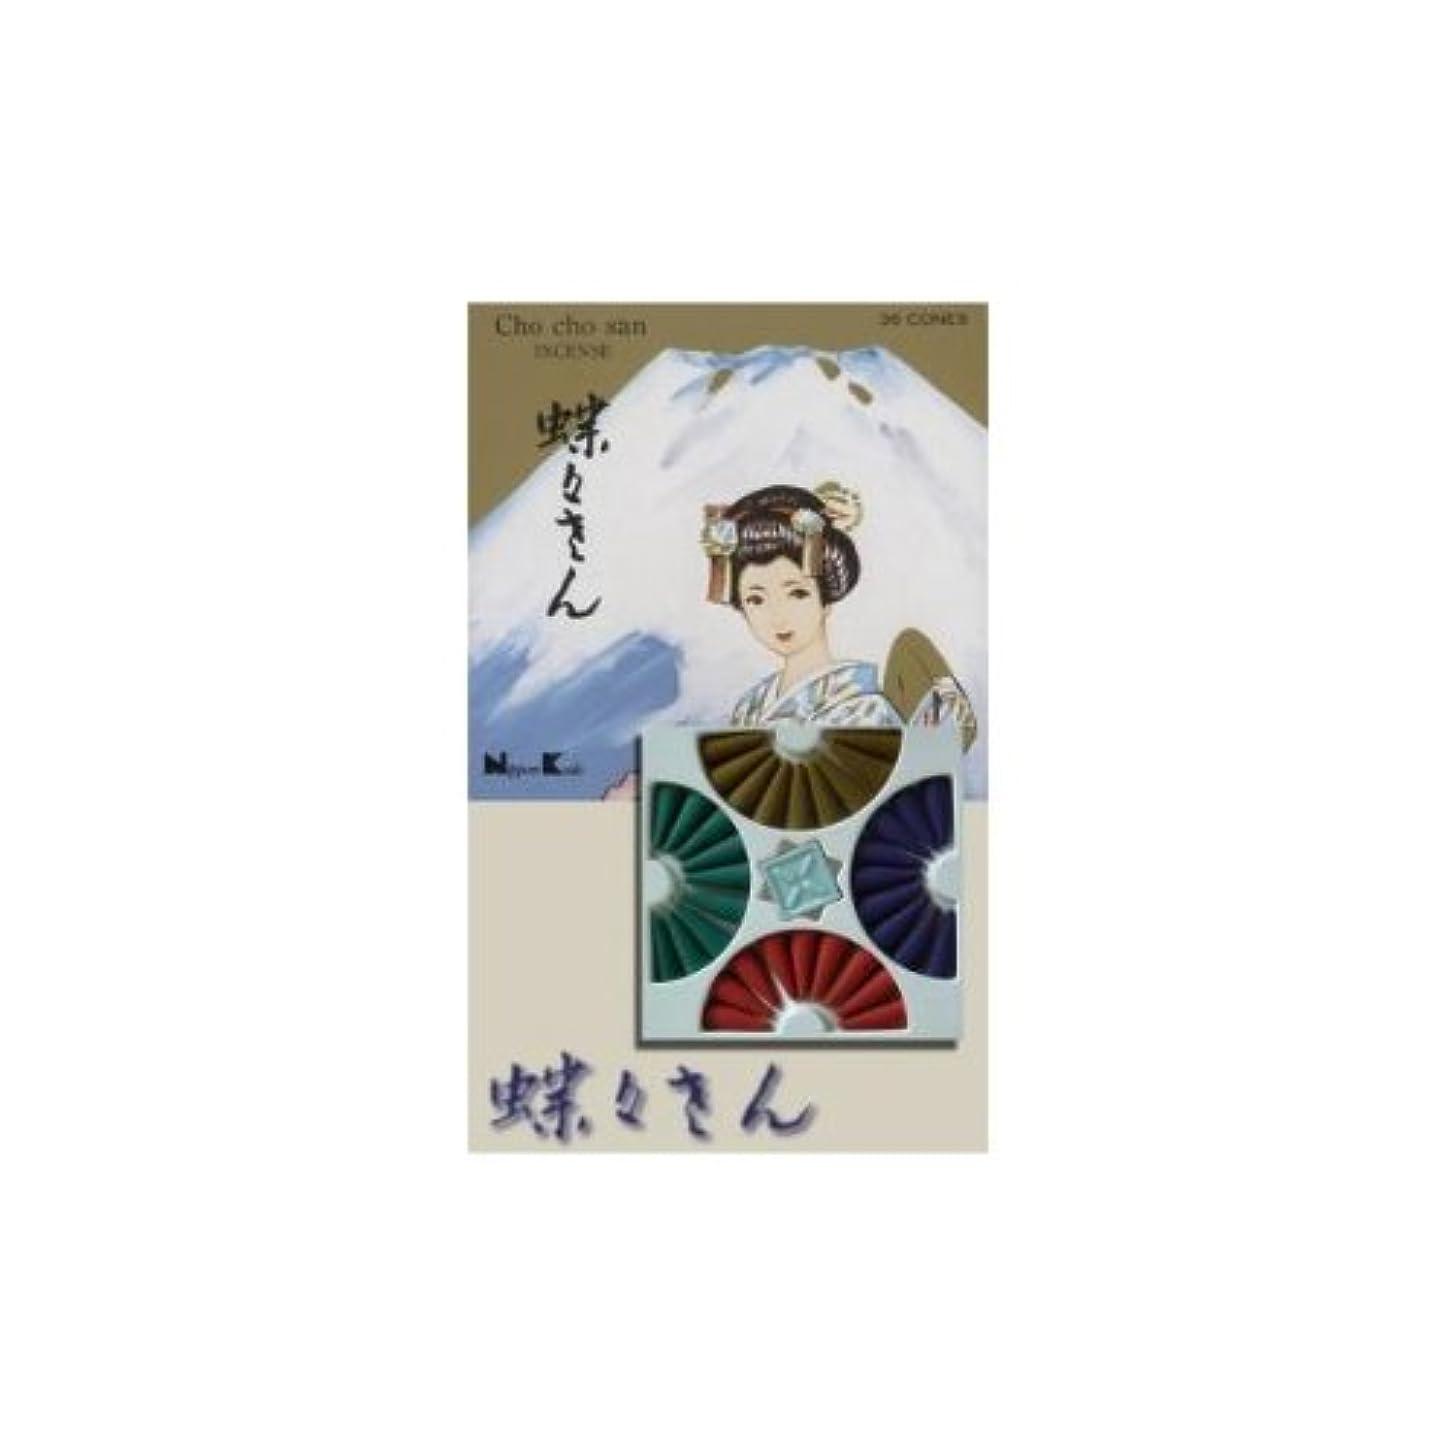 強盗嘆くゴミ箱日本香堂 蝶々さんコーン 36個入 香立付